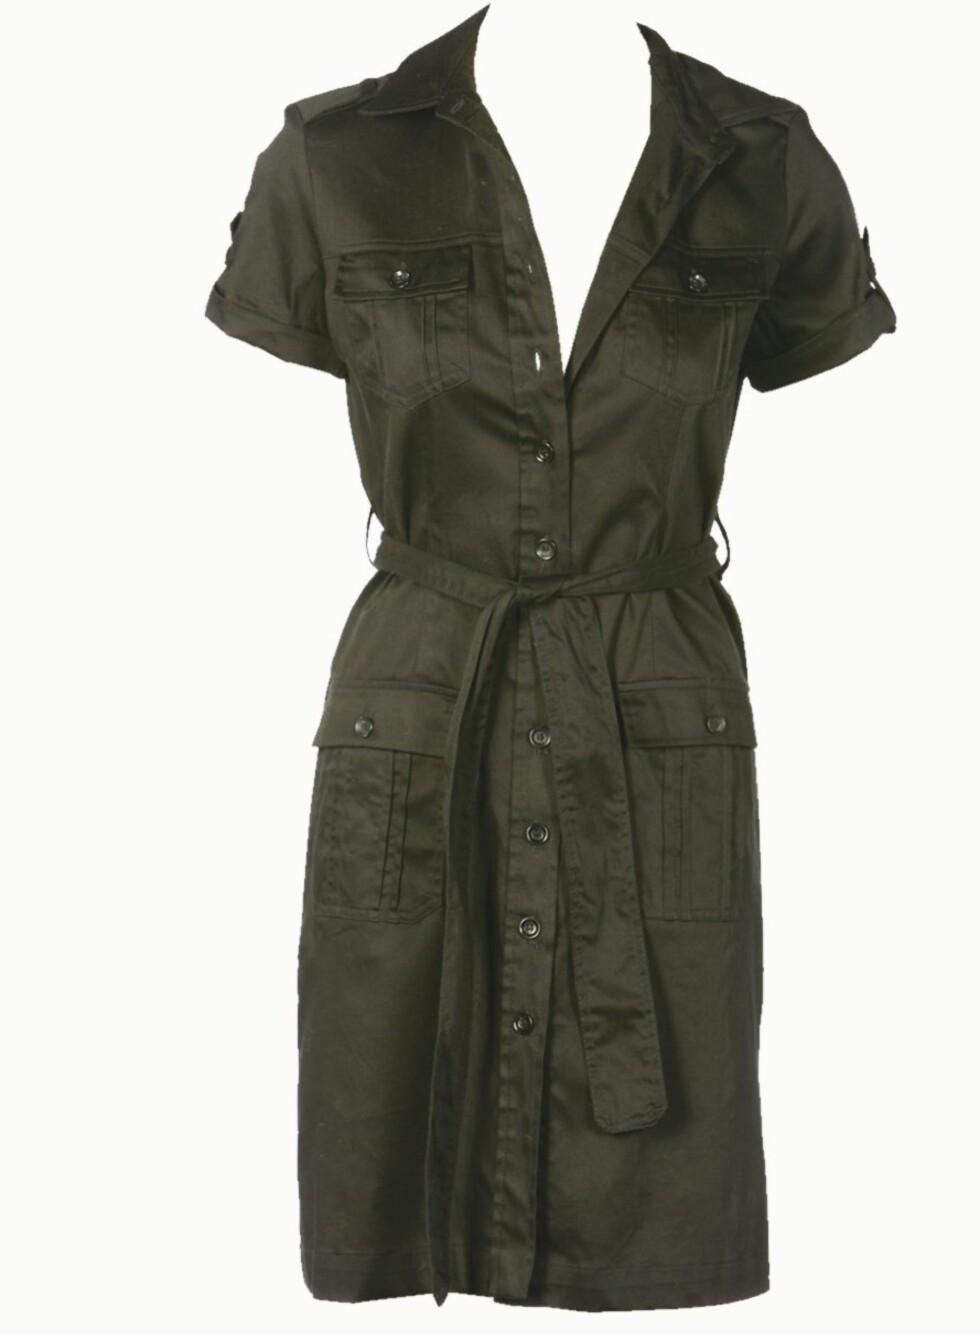 <strong>FLATTERENDE:</strong> Skjortekjole som former seg etter kroppen og gir midje (kr 700, Oasis).